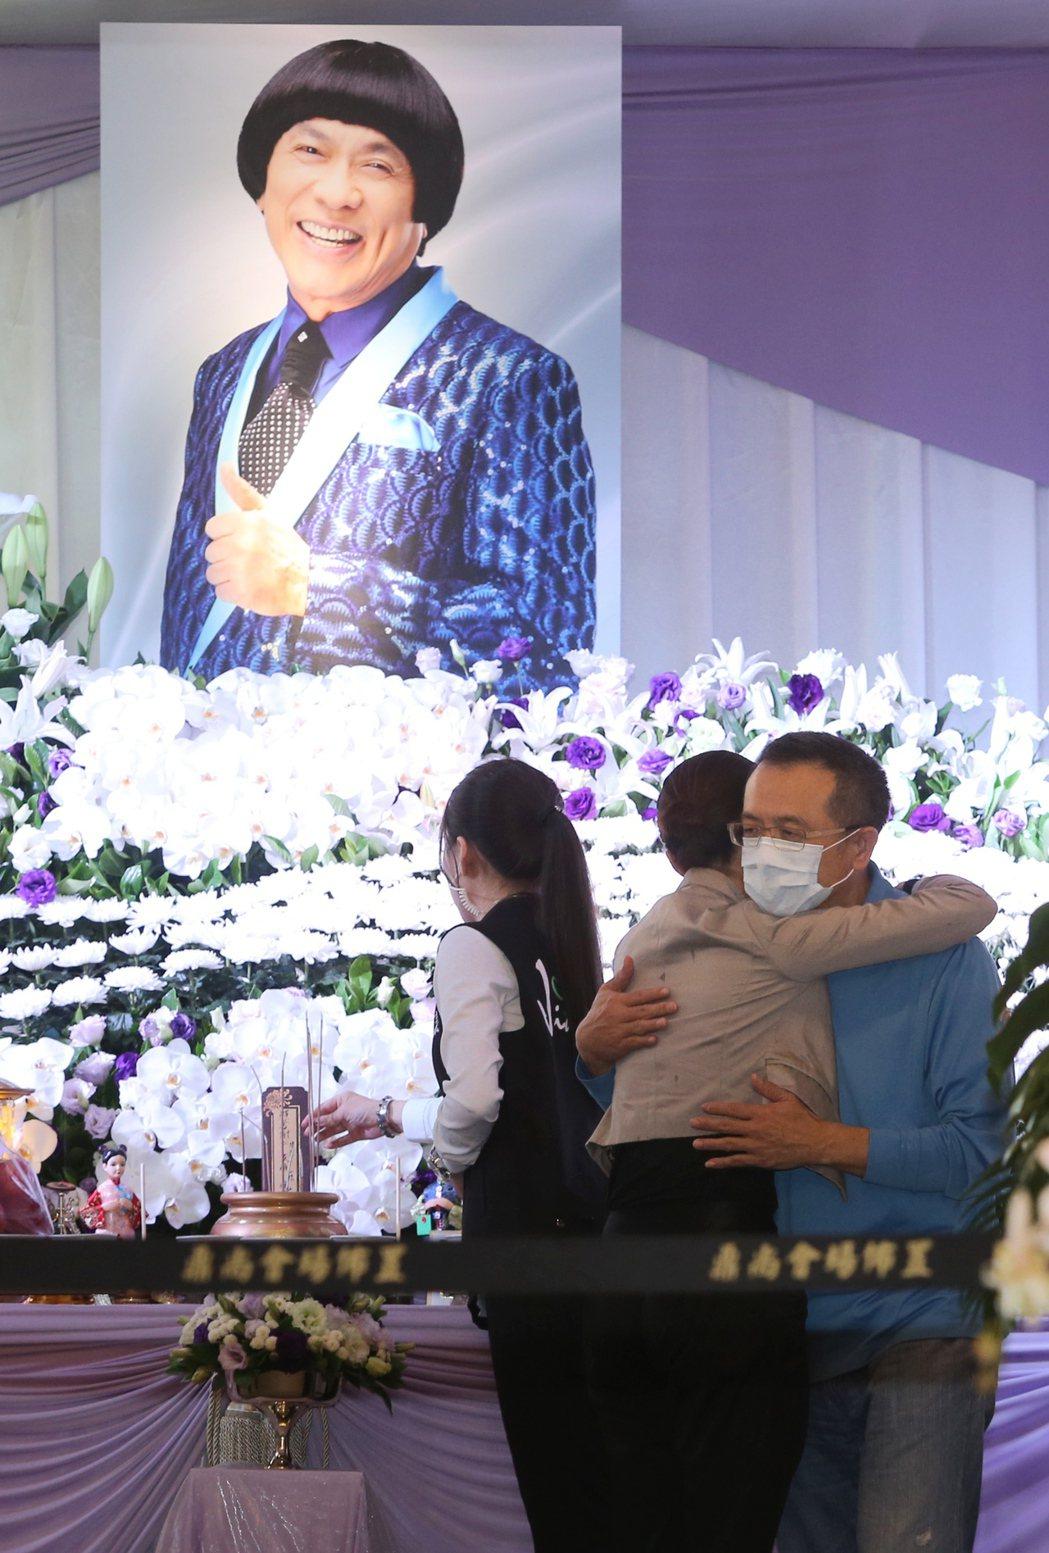 侯怡君臨走前擁抱豬哥亮的長子謝順福和小女兒謝金晶。記者陳柏亨/攝影